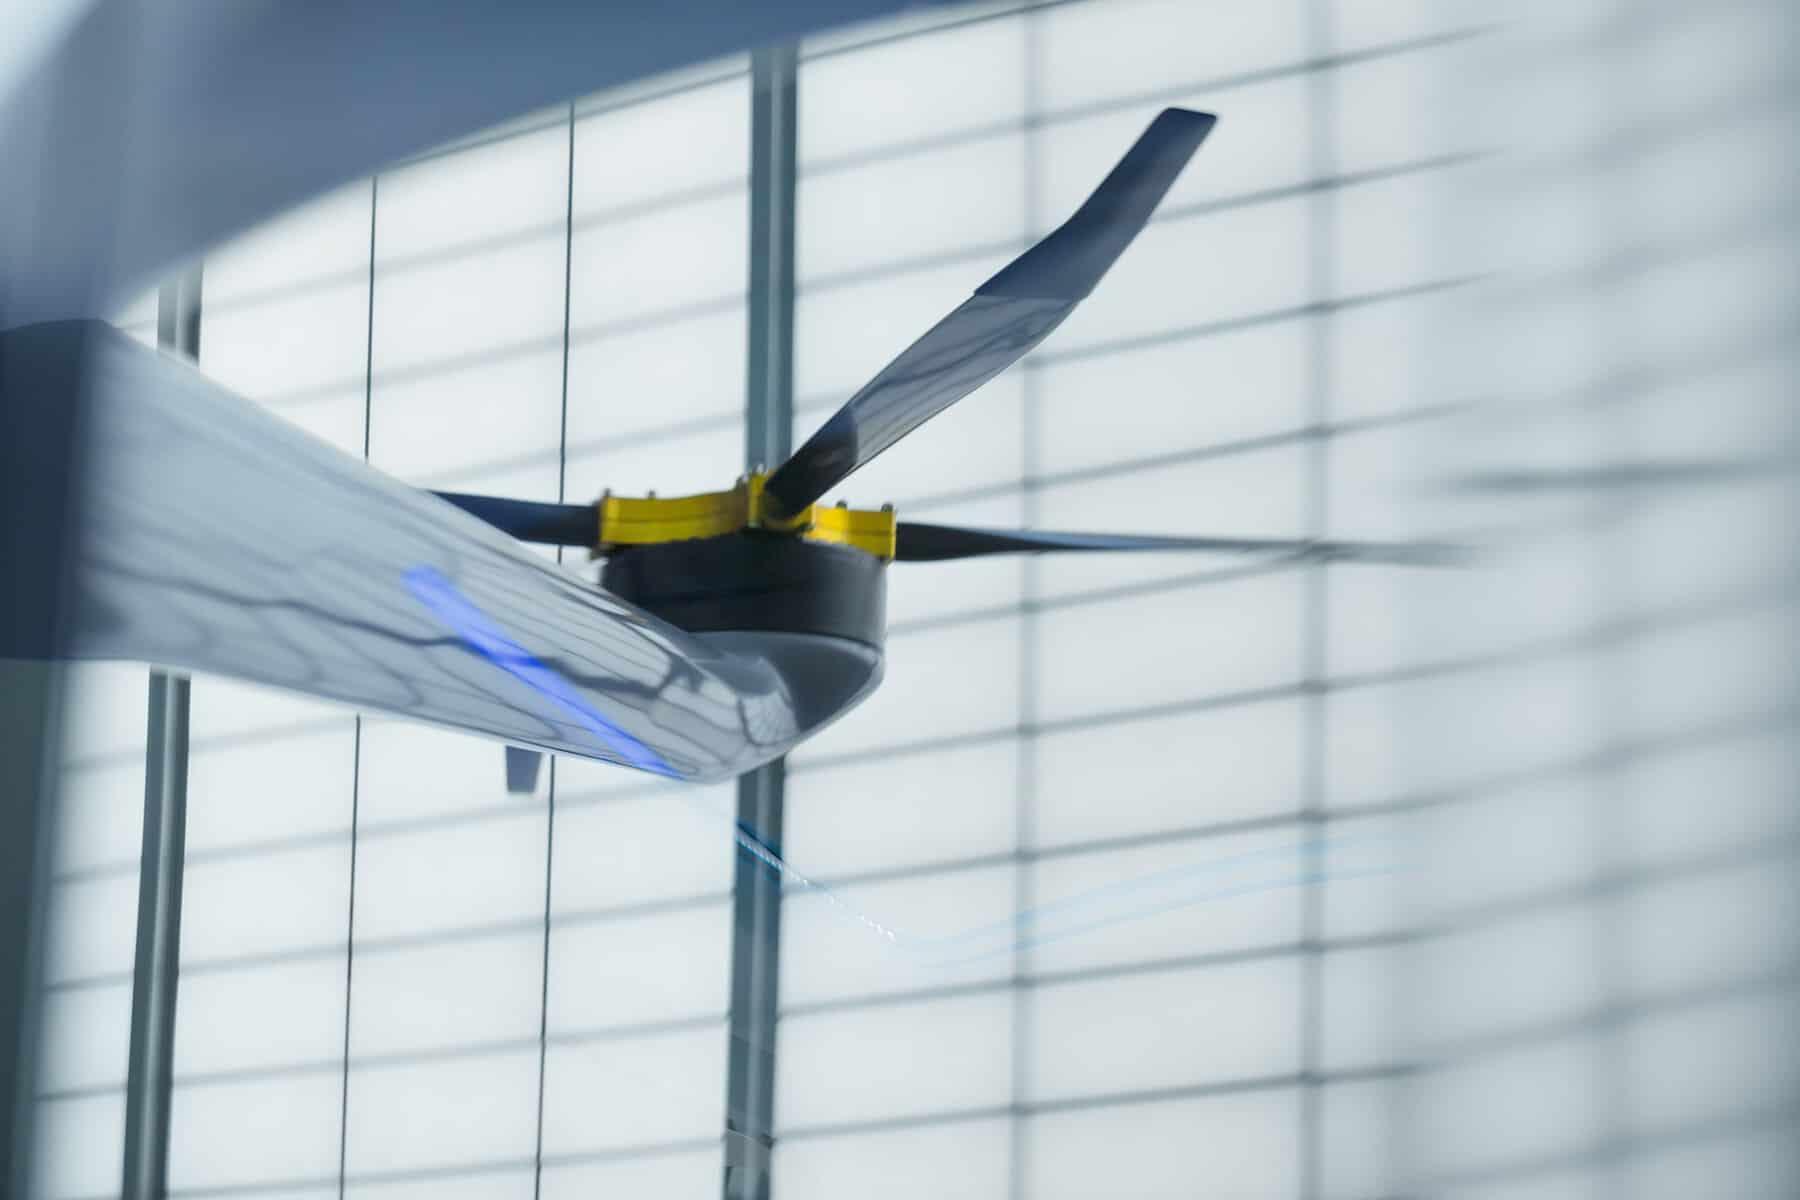 bmw skai flying car 11